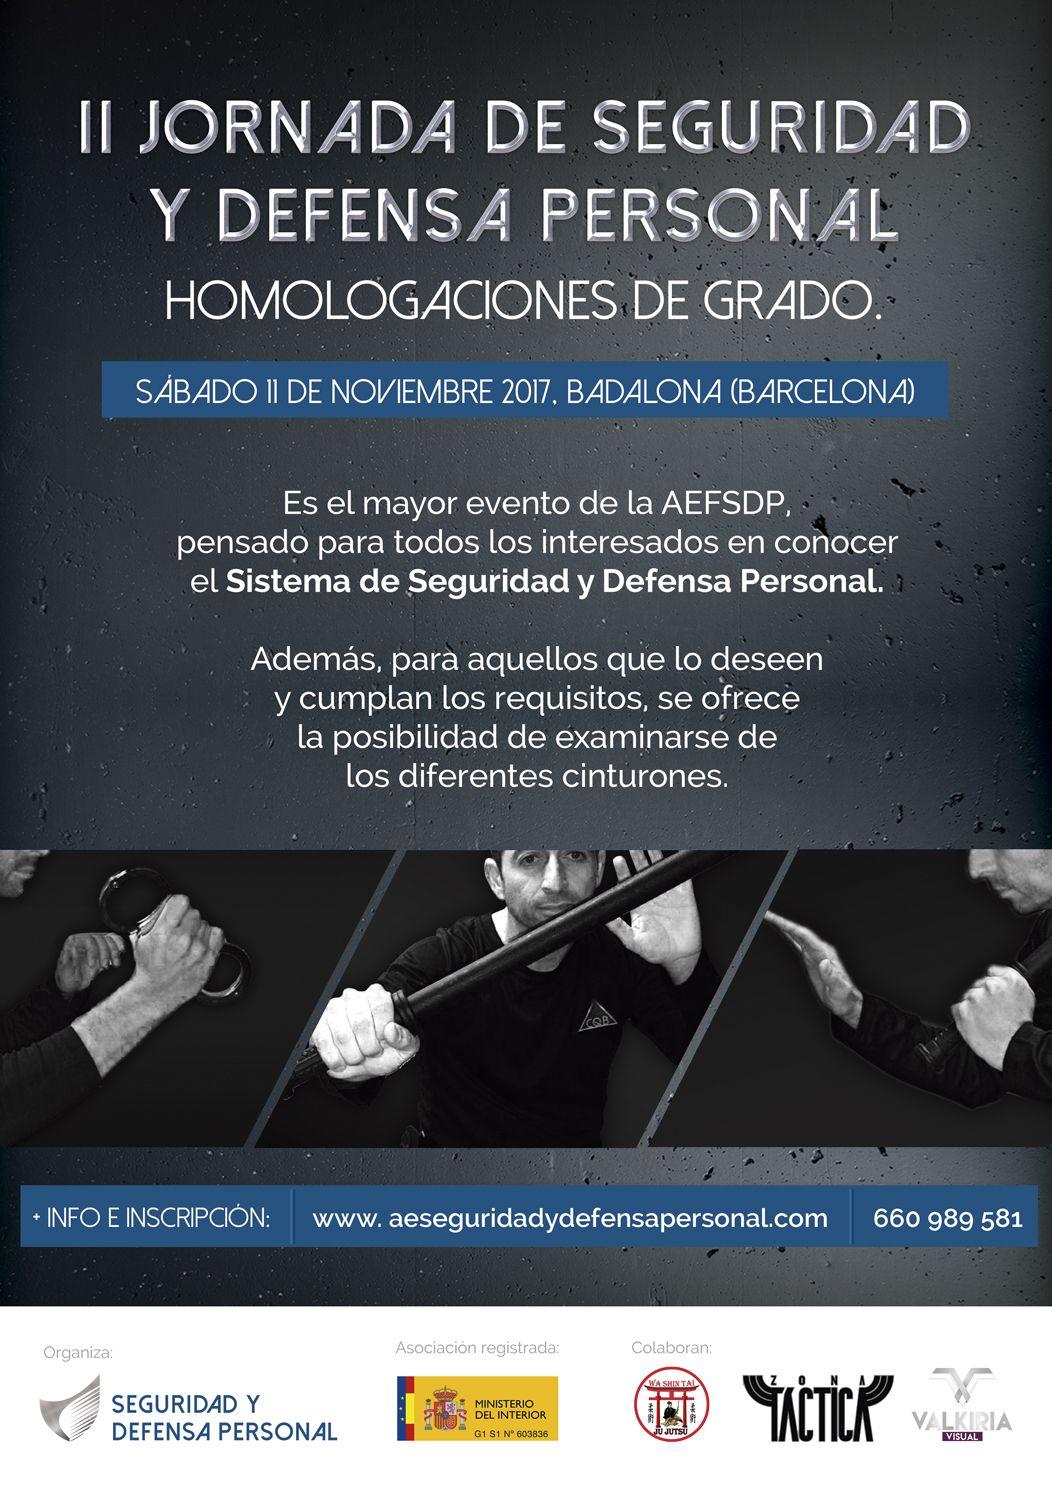 II Jornada de Seguridad y Defensa Personal. Barcelona.